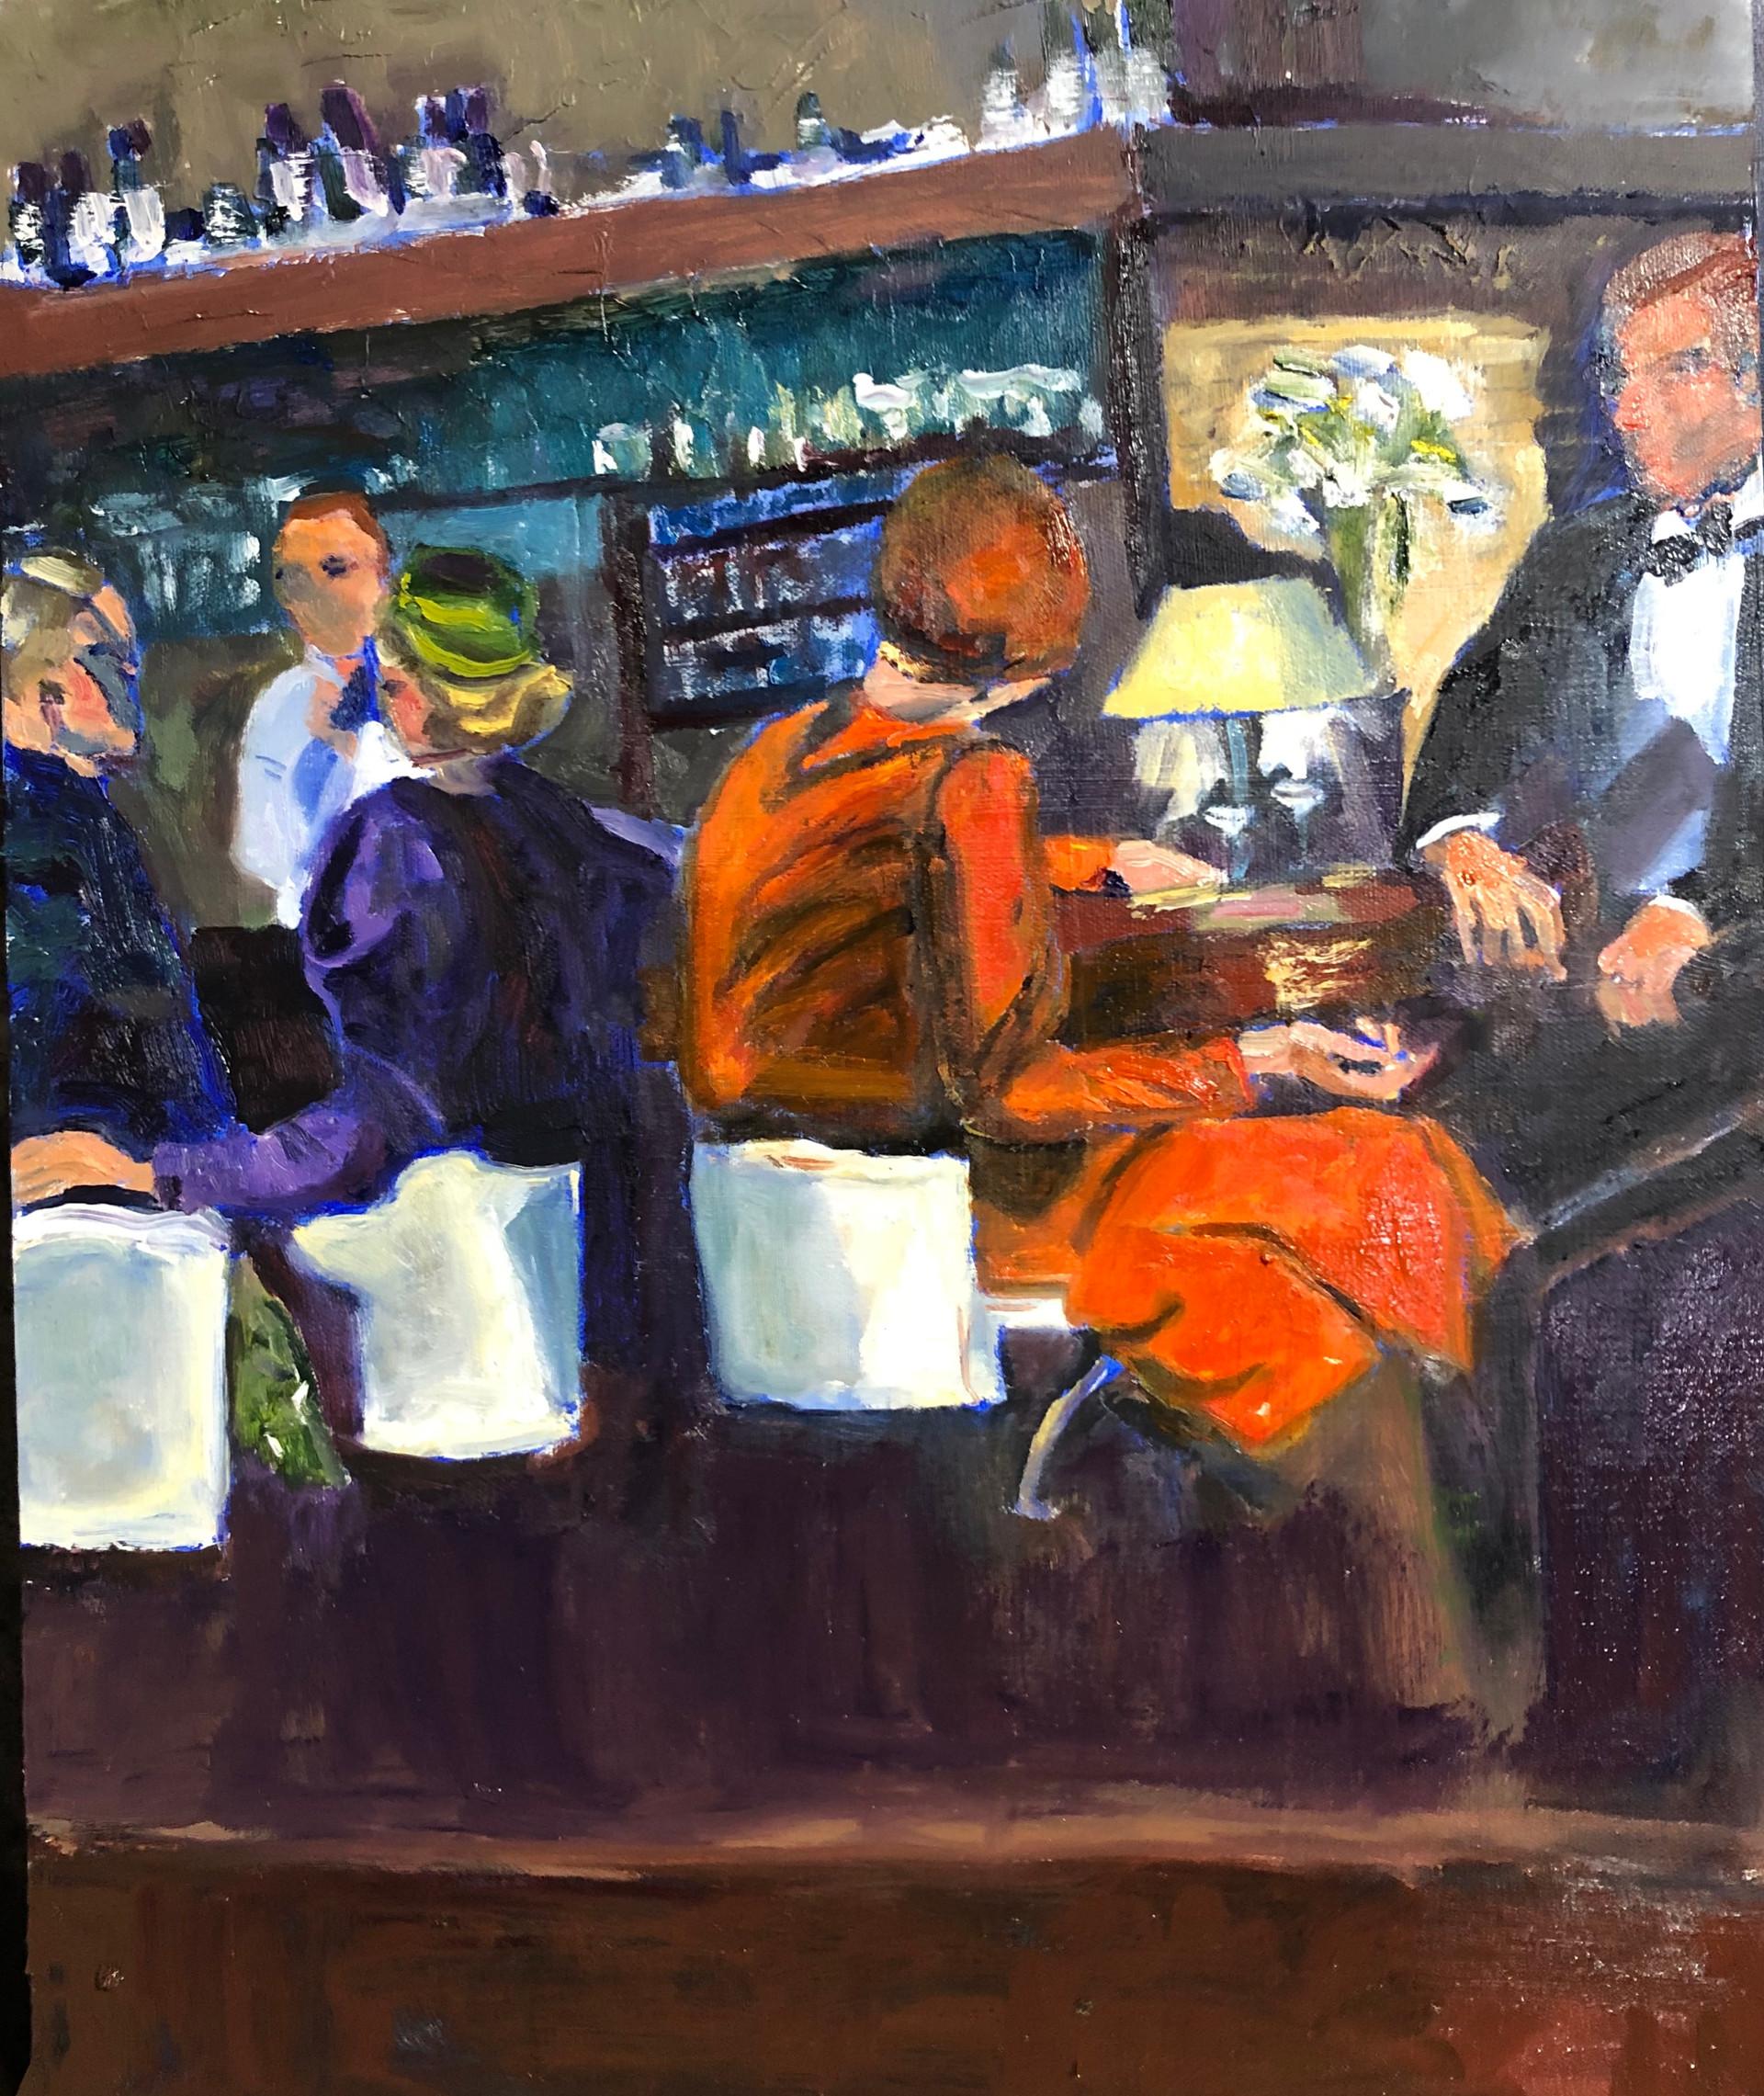 meet you at the bar